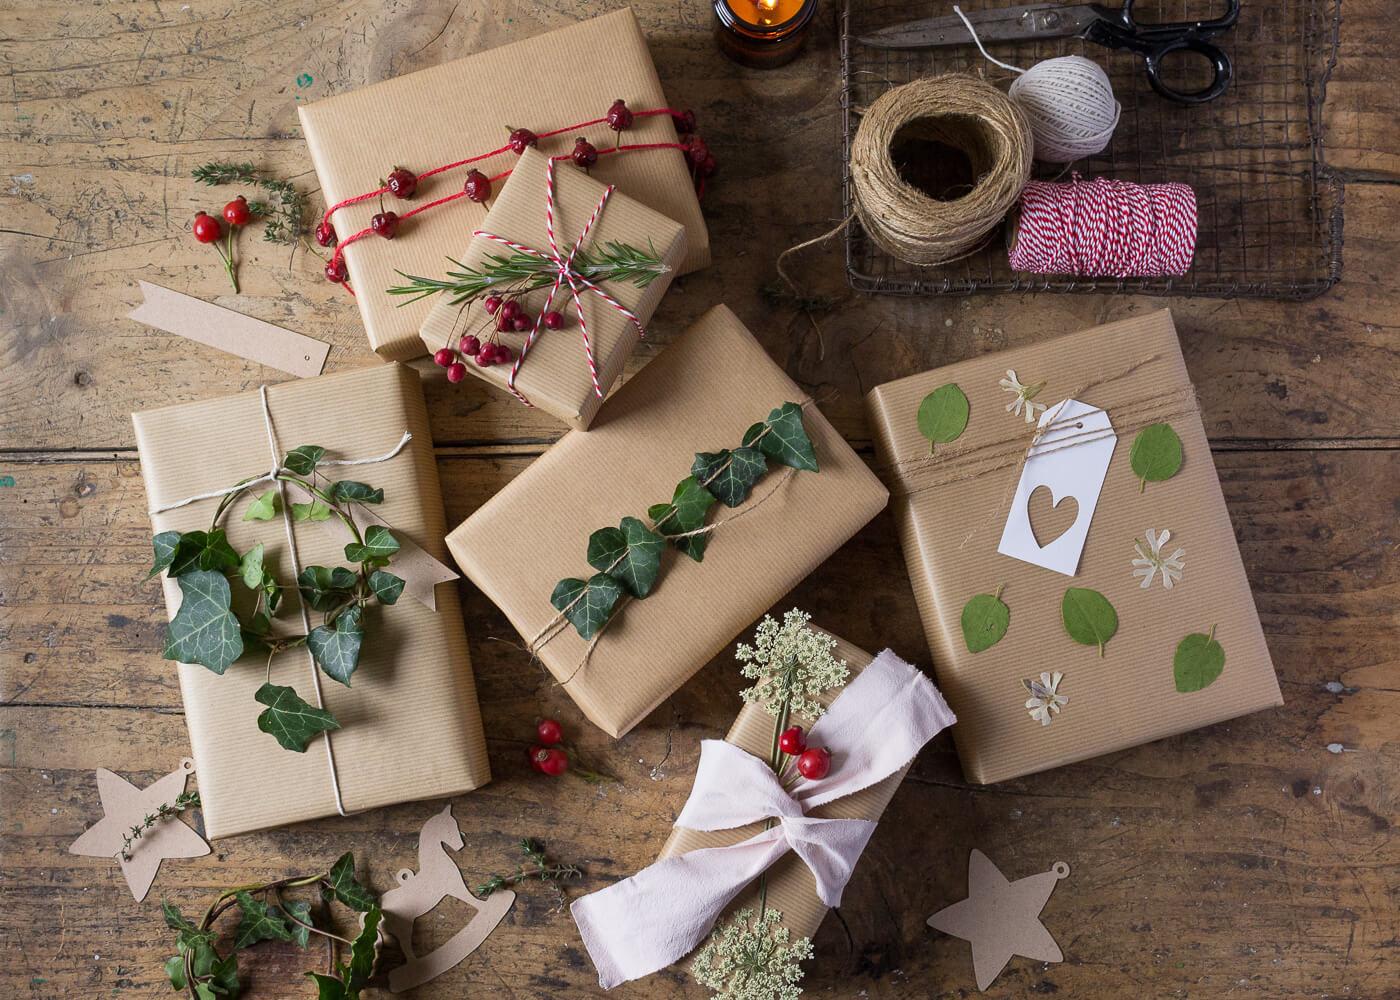 Impacchettare i regali di Natale con il linguaggio dei fiori - Lily&Sage Design